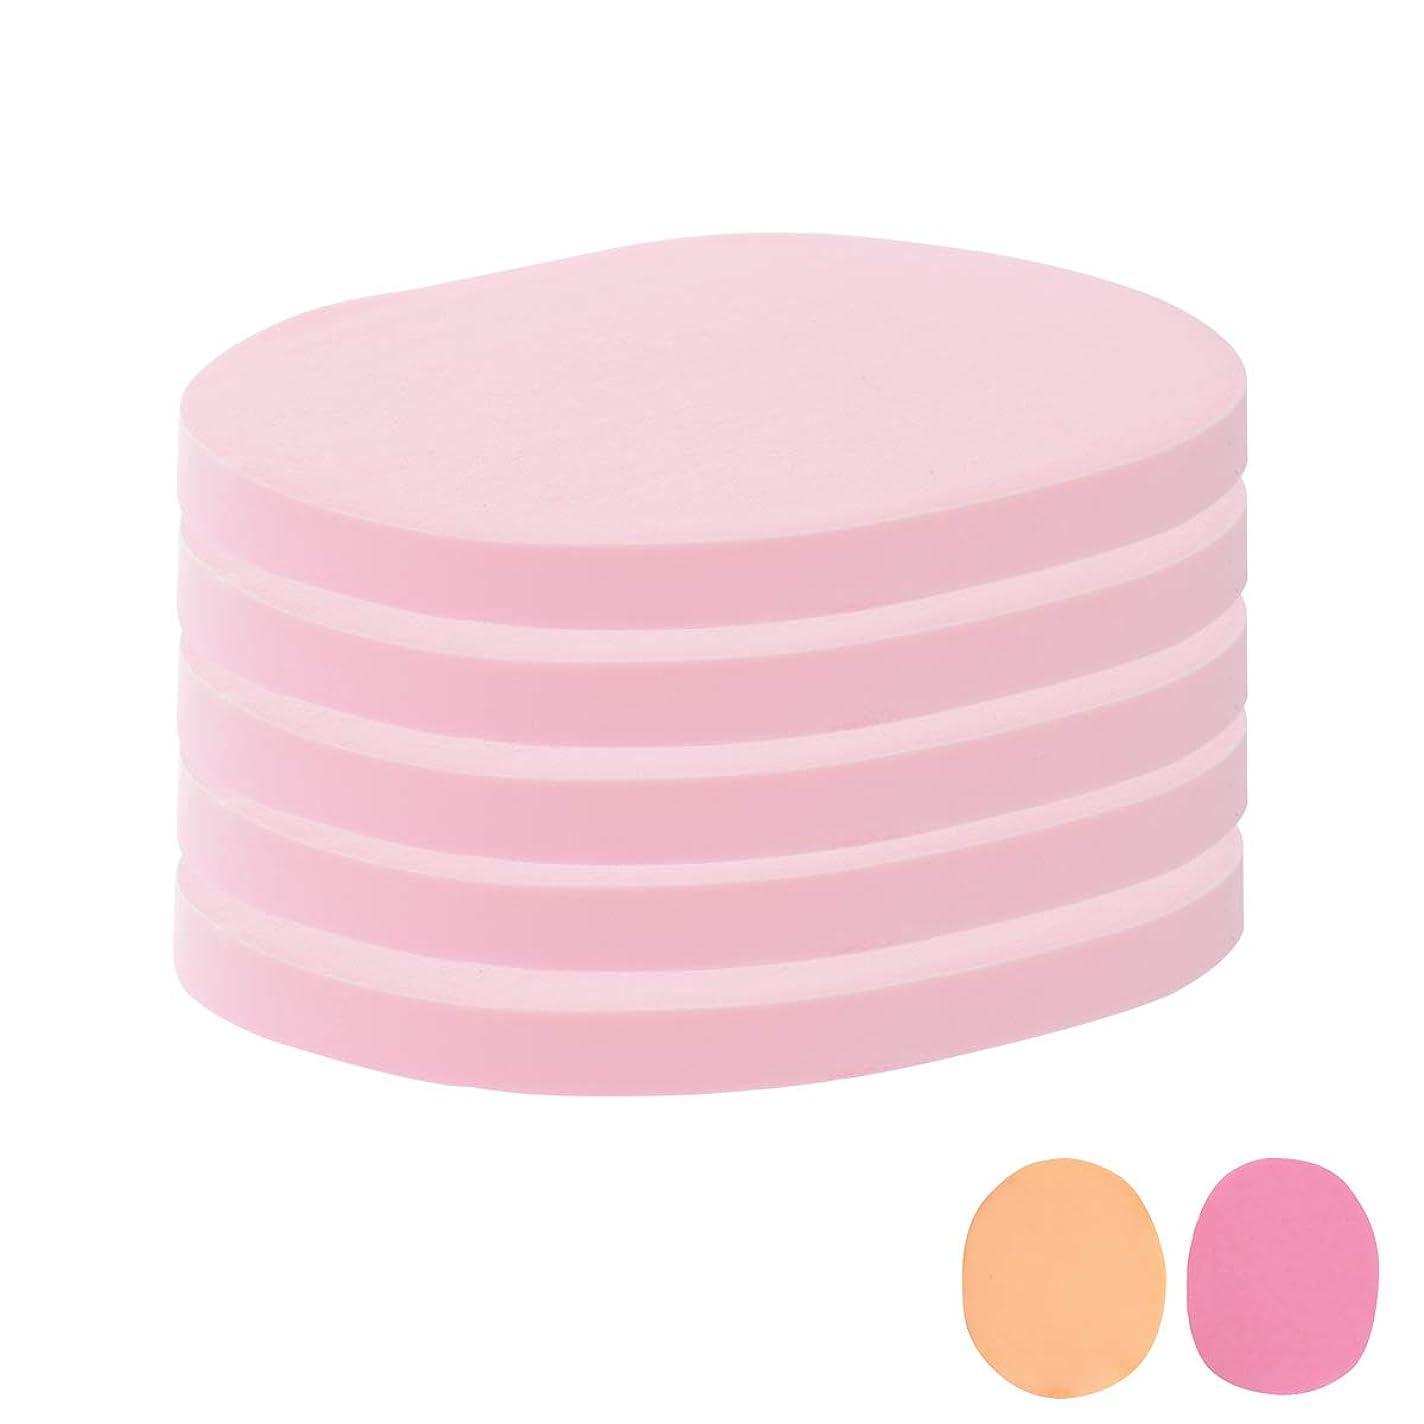 ピクニックをする超高層ビル作りますフェイシャルスポンジ 全4種 10mm厚 (きめ細かい) 5枚入 ピンク [ フェイススポンジ マッサージスポンジ フェイシャル フェイス 顔用 洗顔 エステ スポンジ パフ クレンジング パック マスク 拭き取り ]